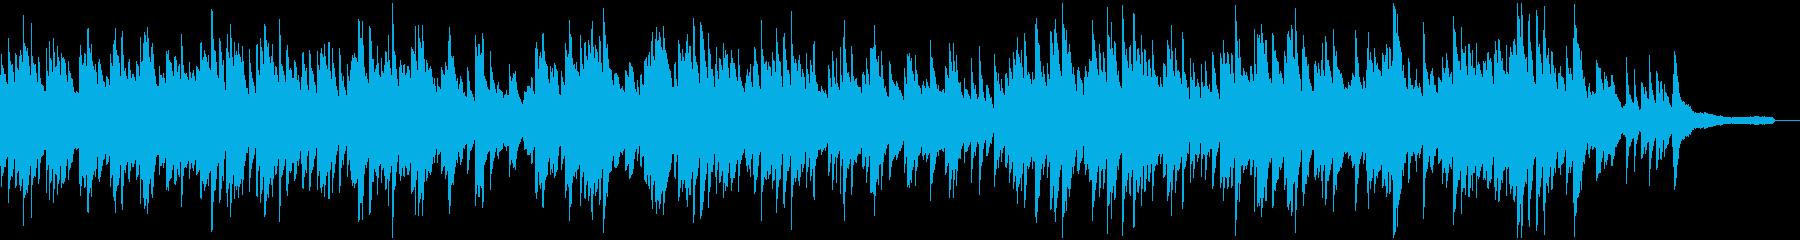 スローテンポの優しいピアノソロの再生済みの波形